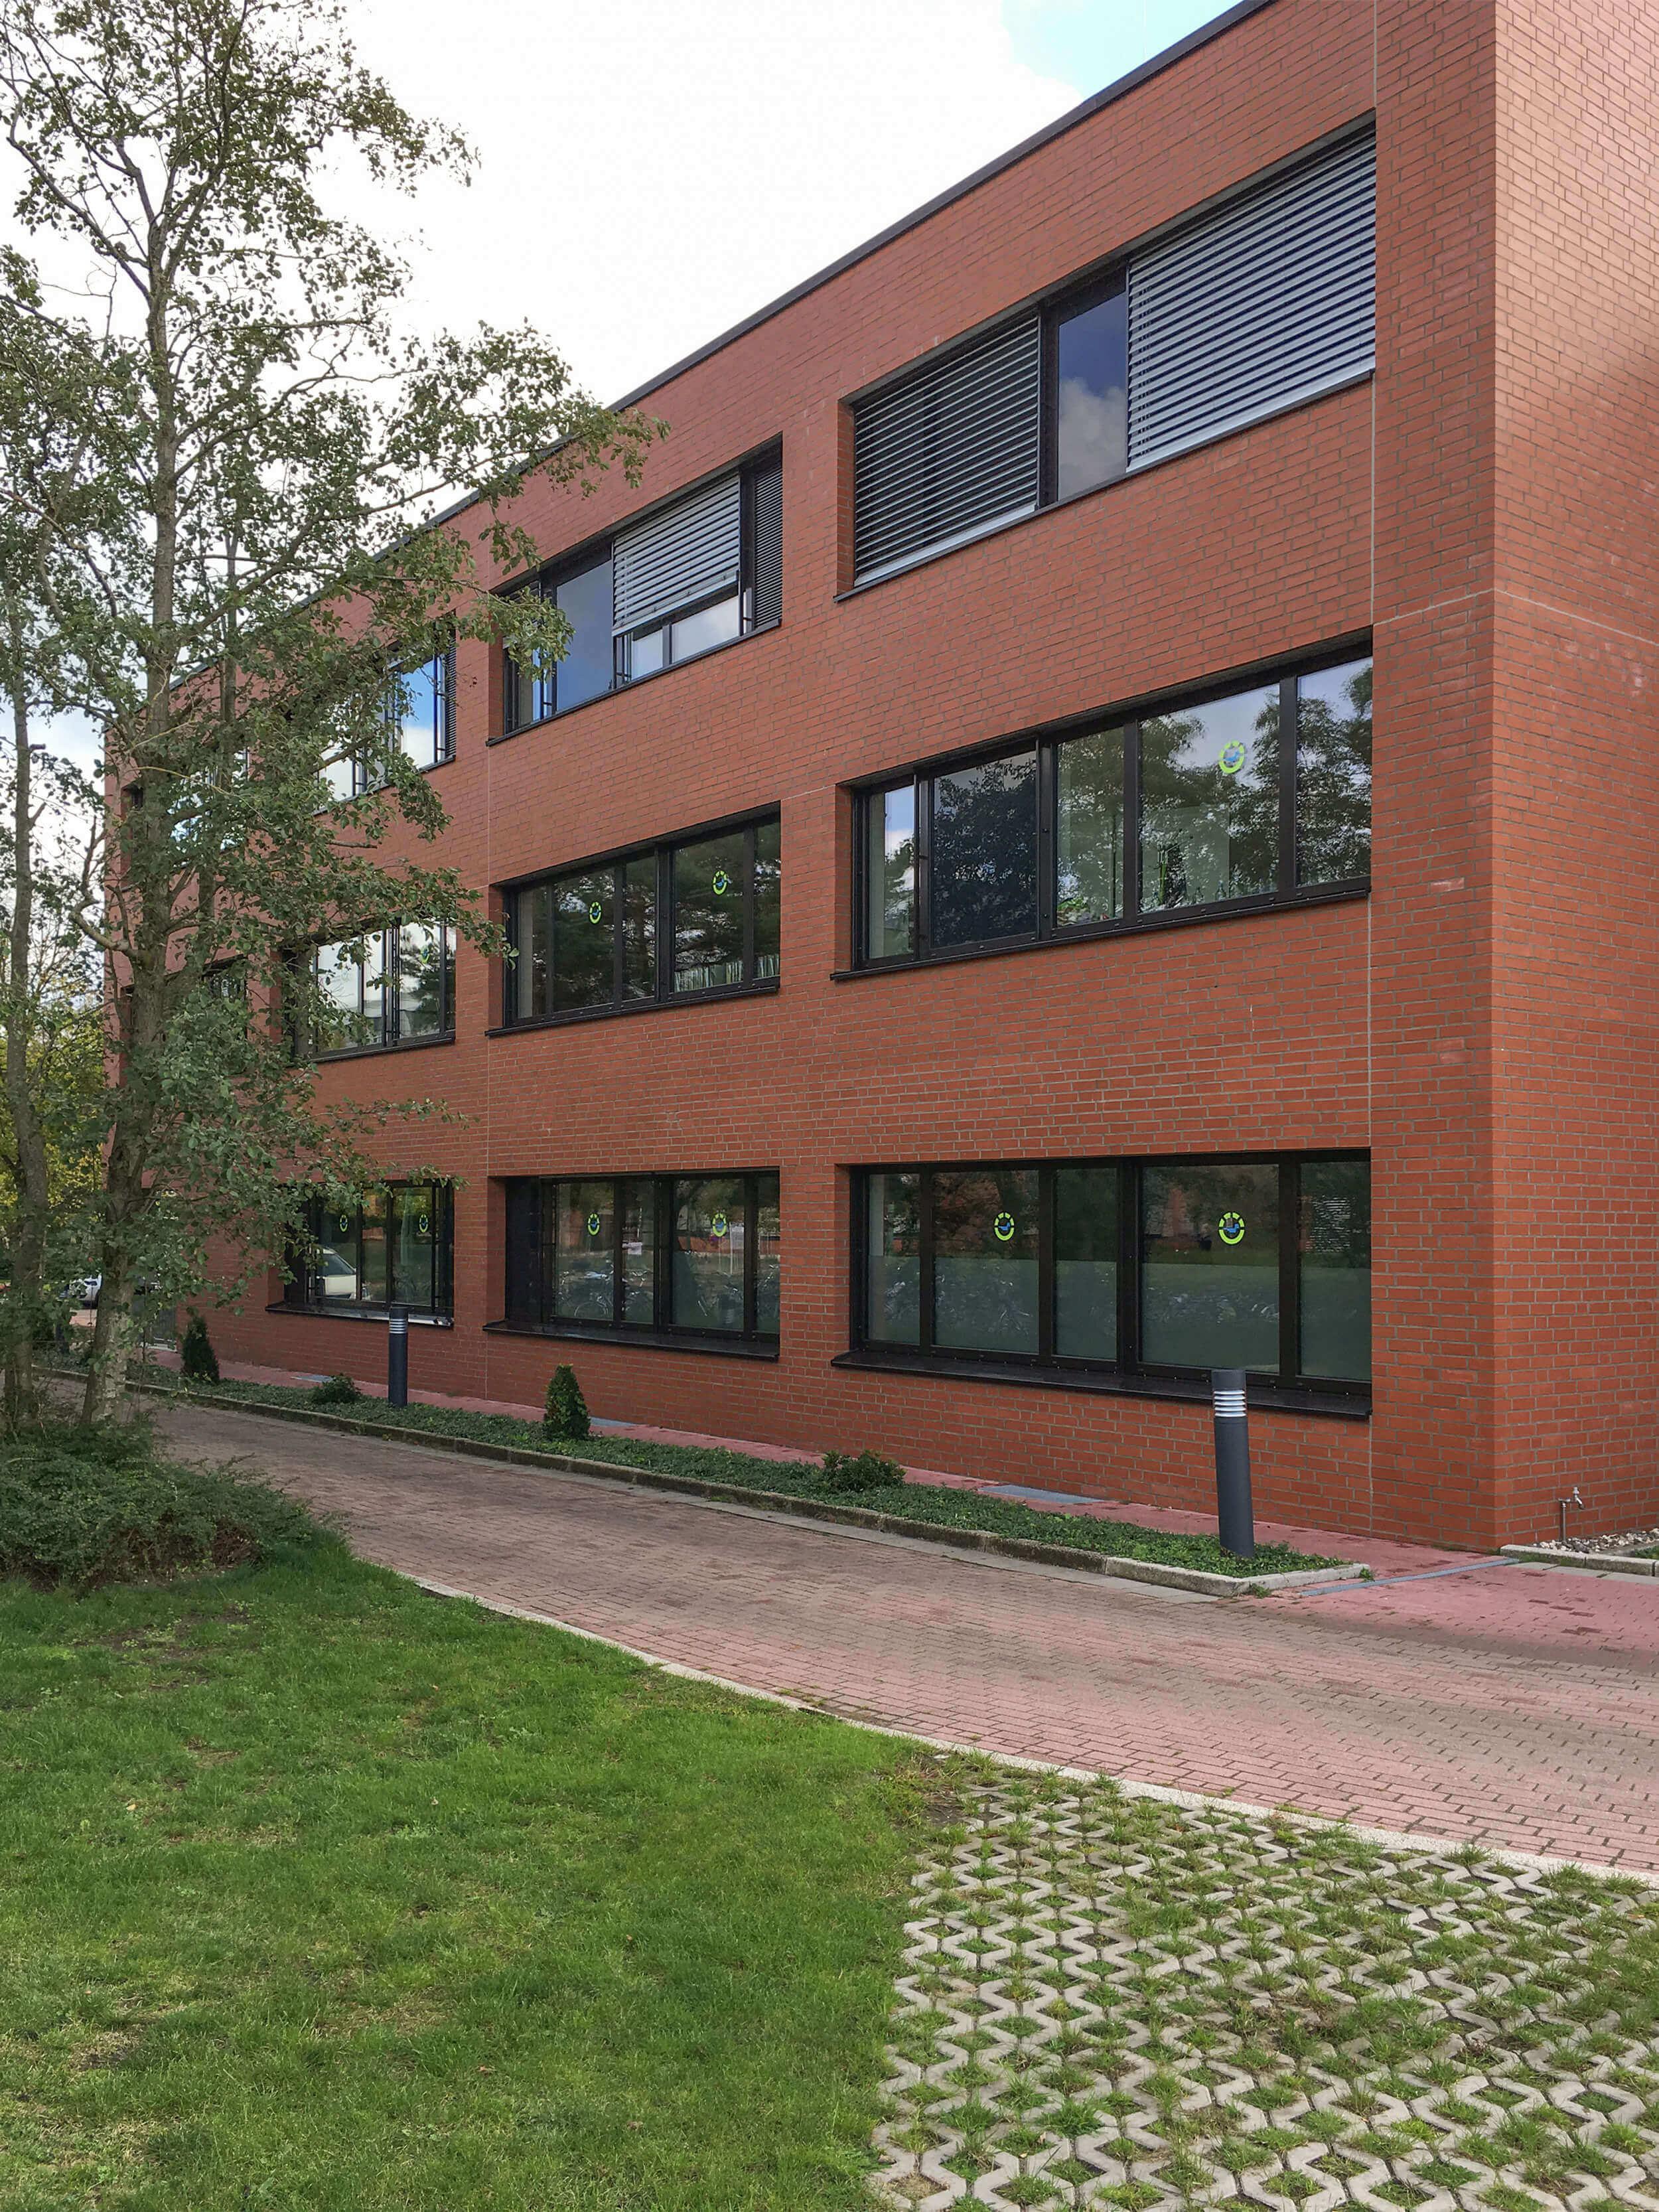 06-Ärztehaus-III